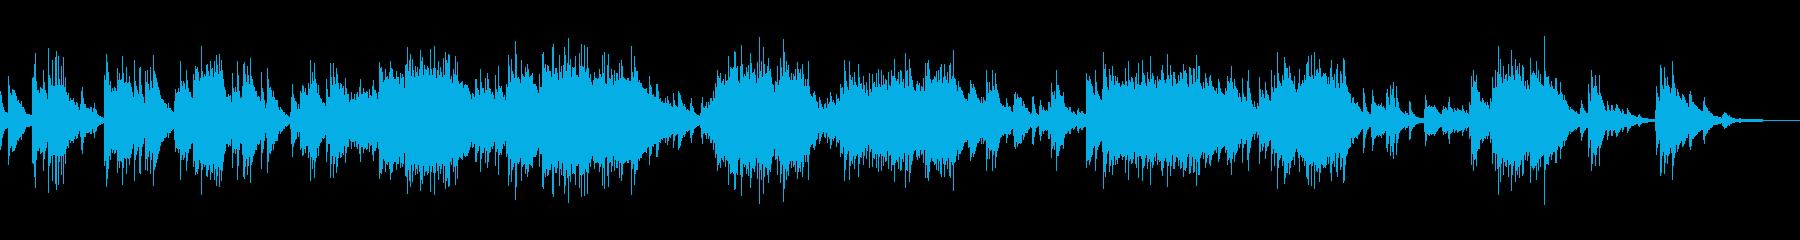 美しく感動するピアノ曲の再生済みの波形